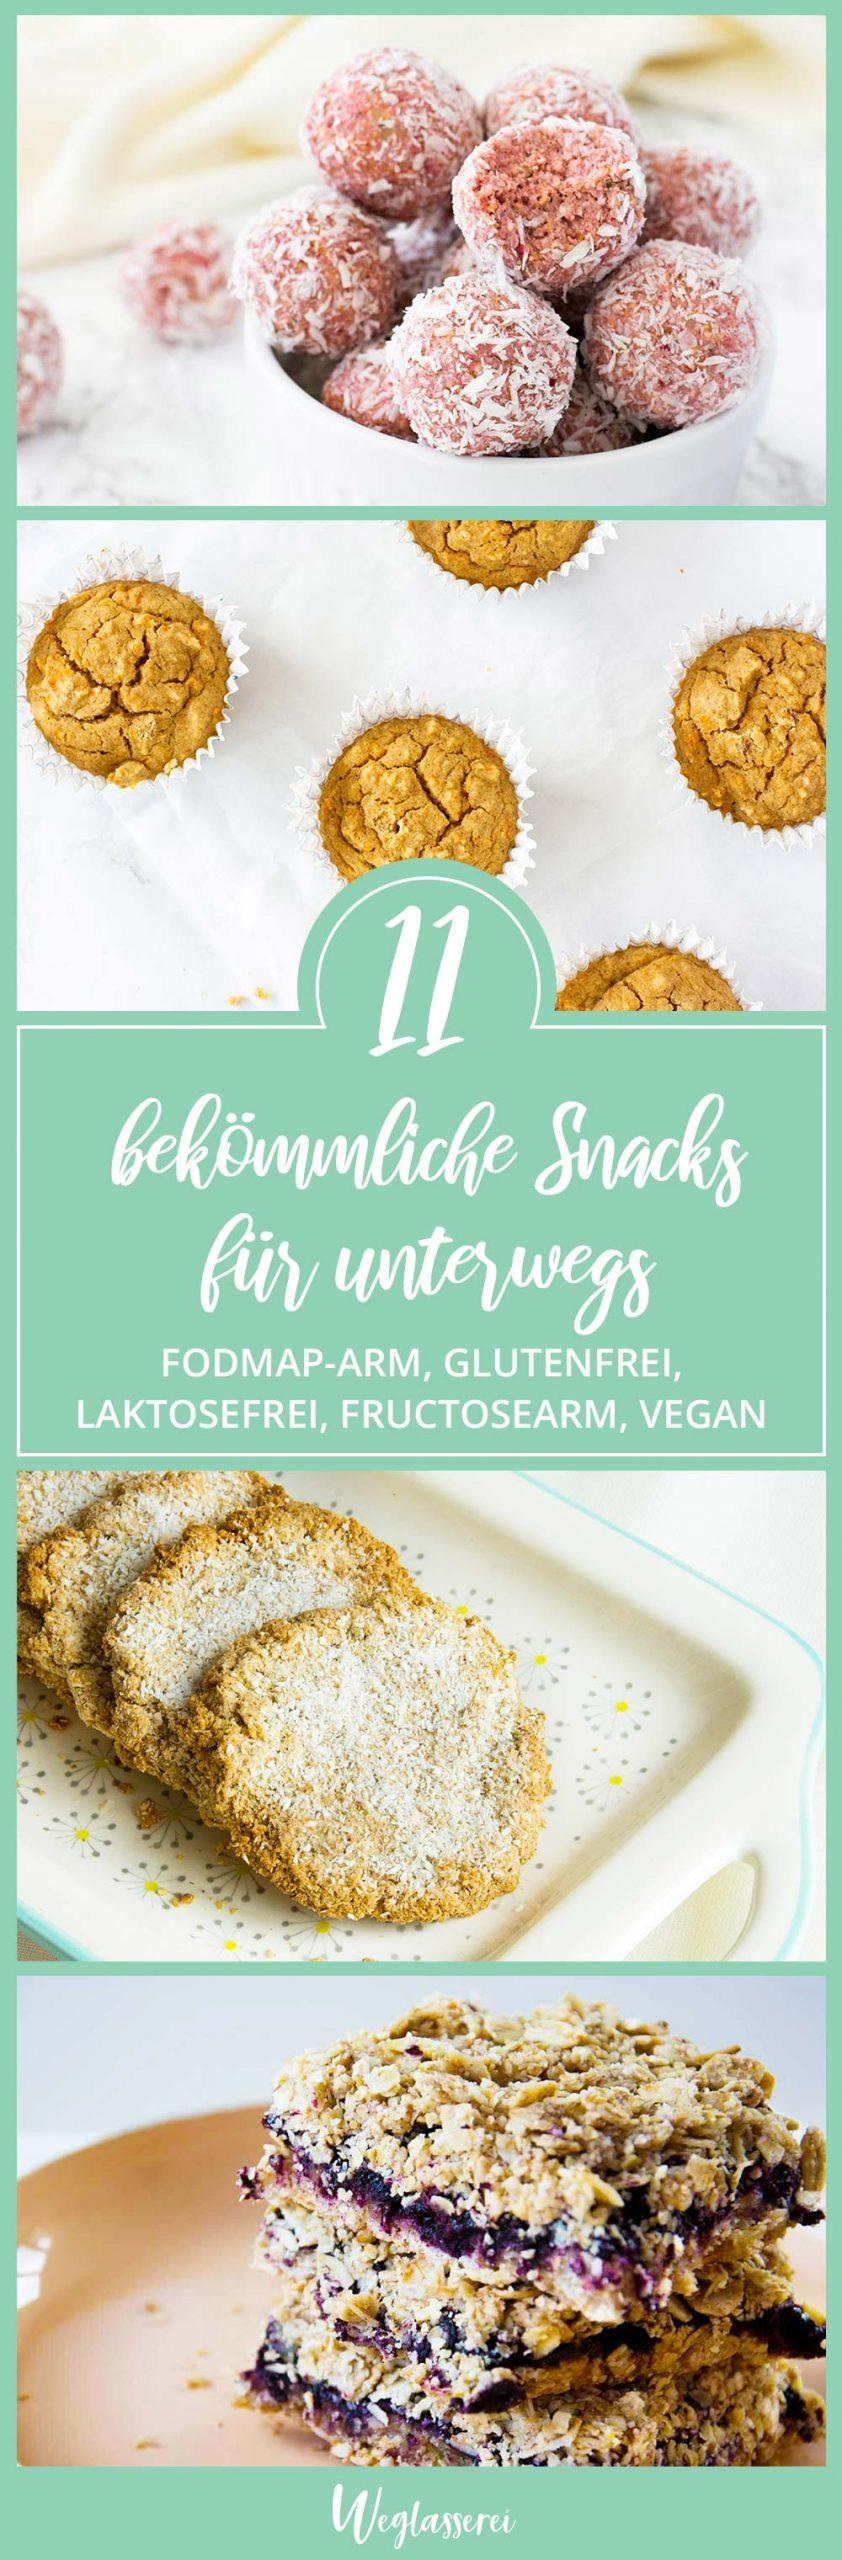 Diese Snacks sind glutenfrei, lowFODMAP, FODMAP-arm, laktosefrei, fructosearm, ohne Milch, ohne Ei, sojafrei und teilweise nussfrei. Damit sind sie verträglich bei einer Nahrungsmittelunverträglichkeit und Reizdarm. Noch mehr Ideen und Motivation findest du auf meinem Blog weglasserei.de